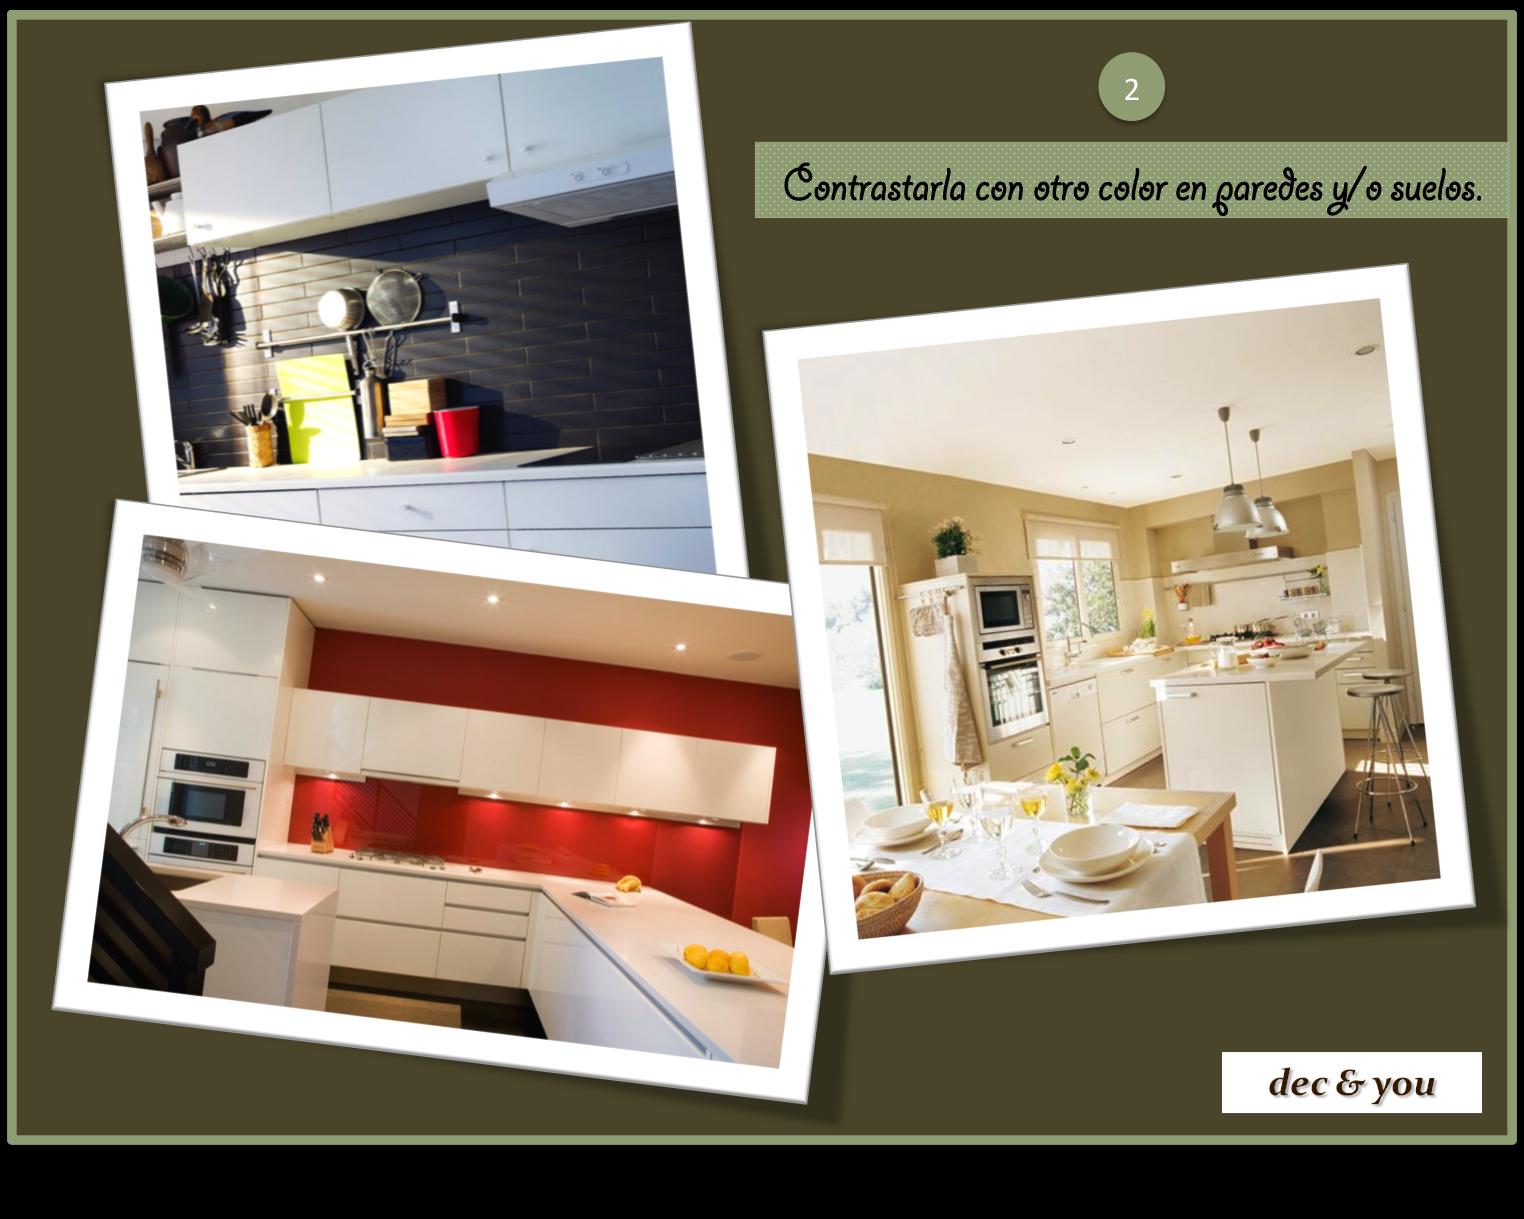 Coordinar gabinete de la cocina piso de madera de color -  Y Qu Colores Elijo Para Contrastar Con El Blanco De Los Muebles And What Colours Do I Choose To Contrast With The White Of The Furniture